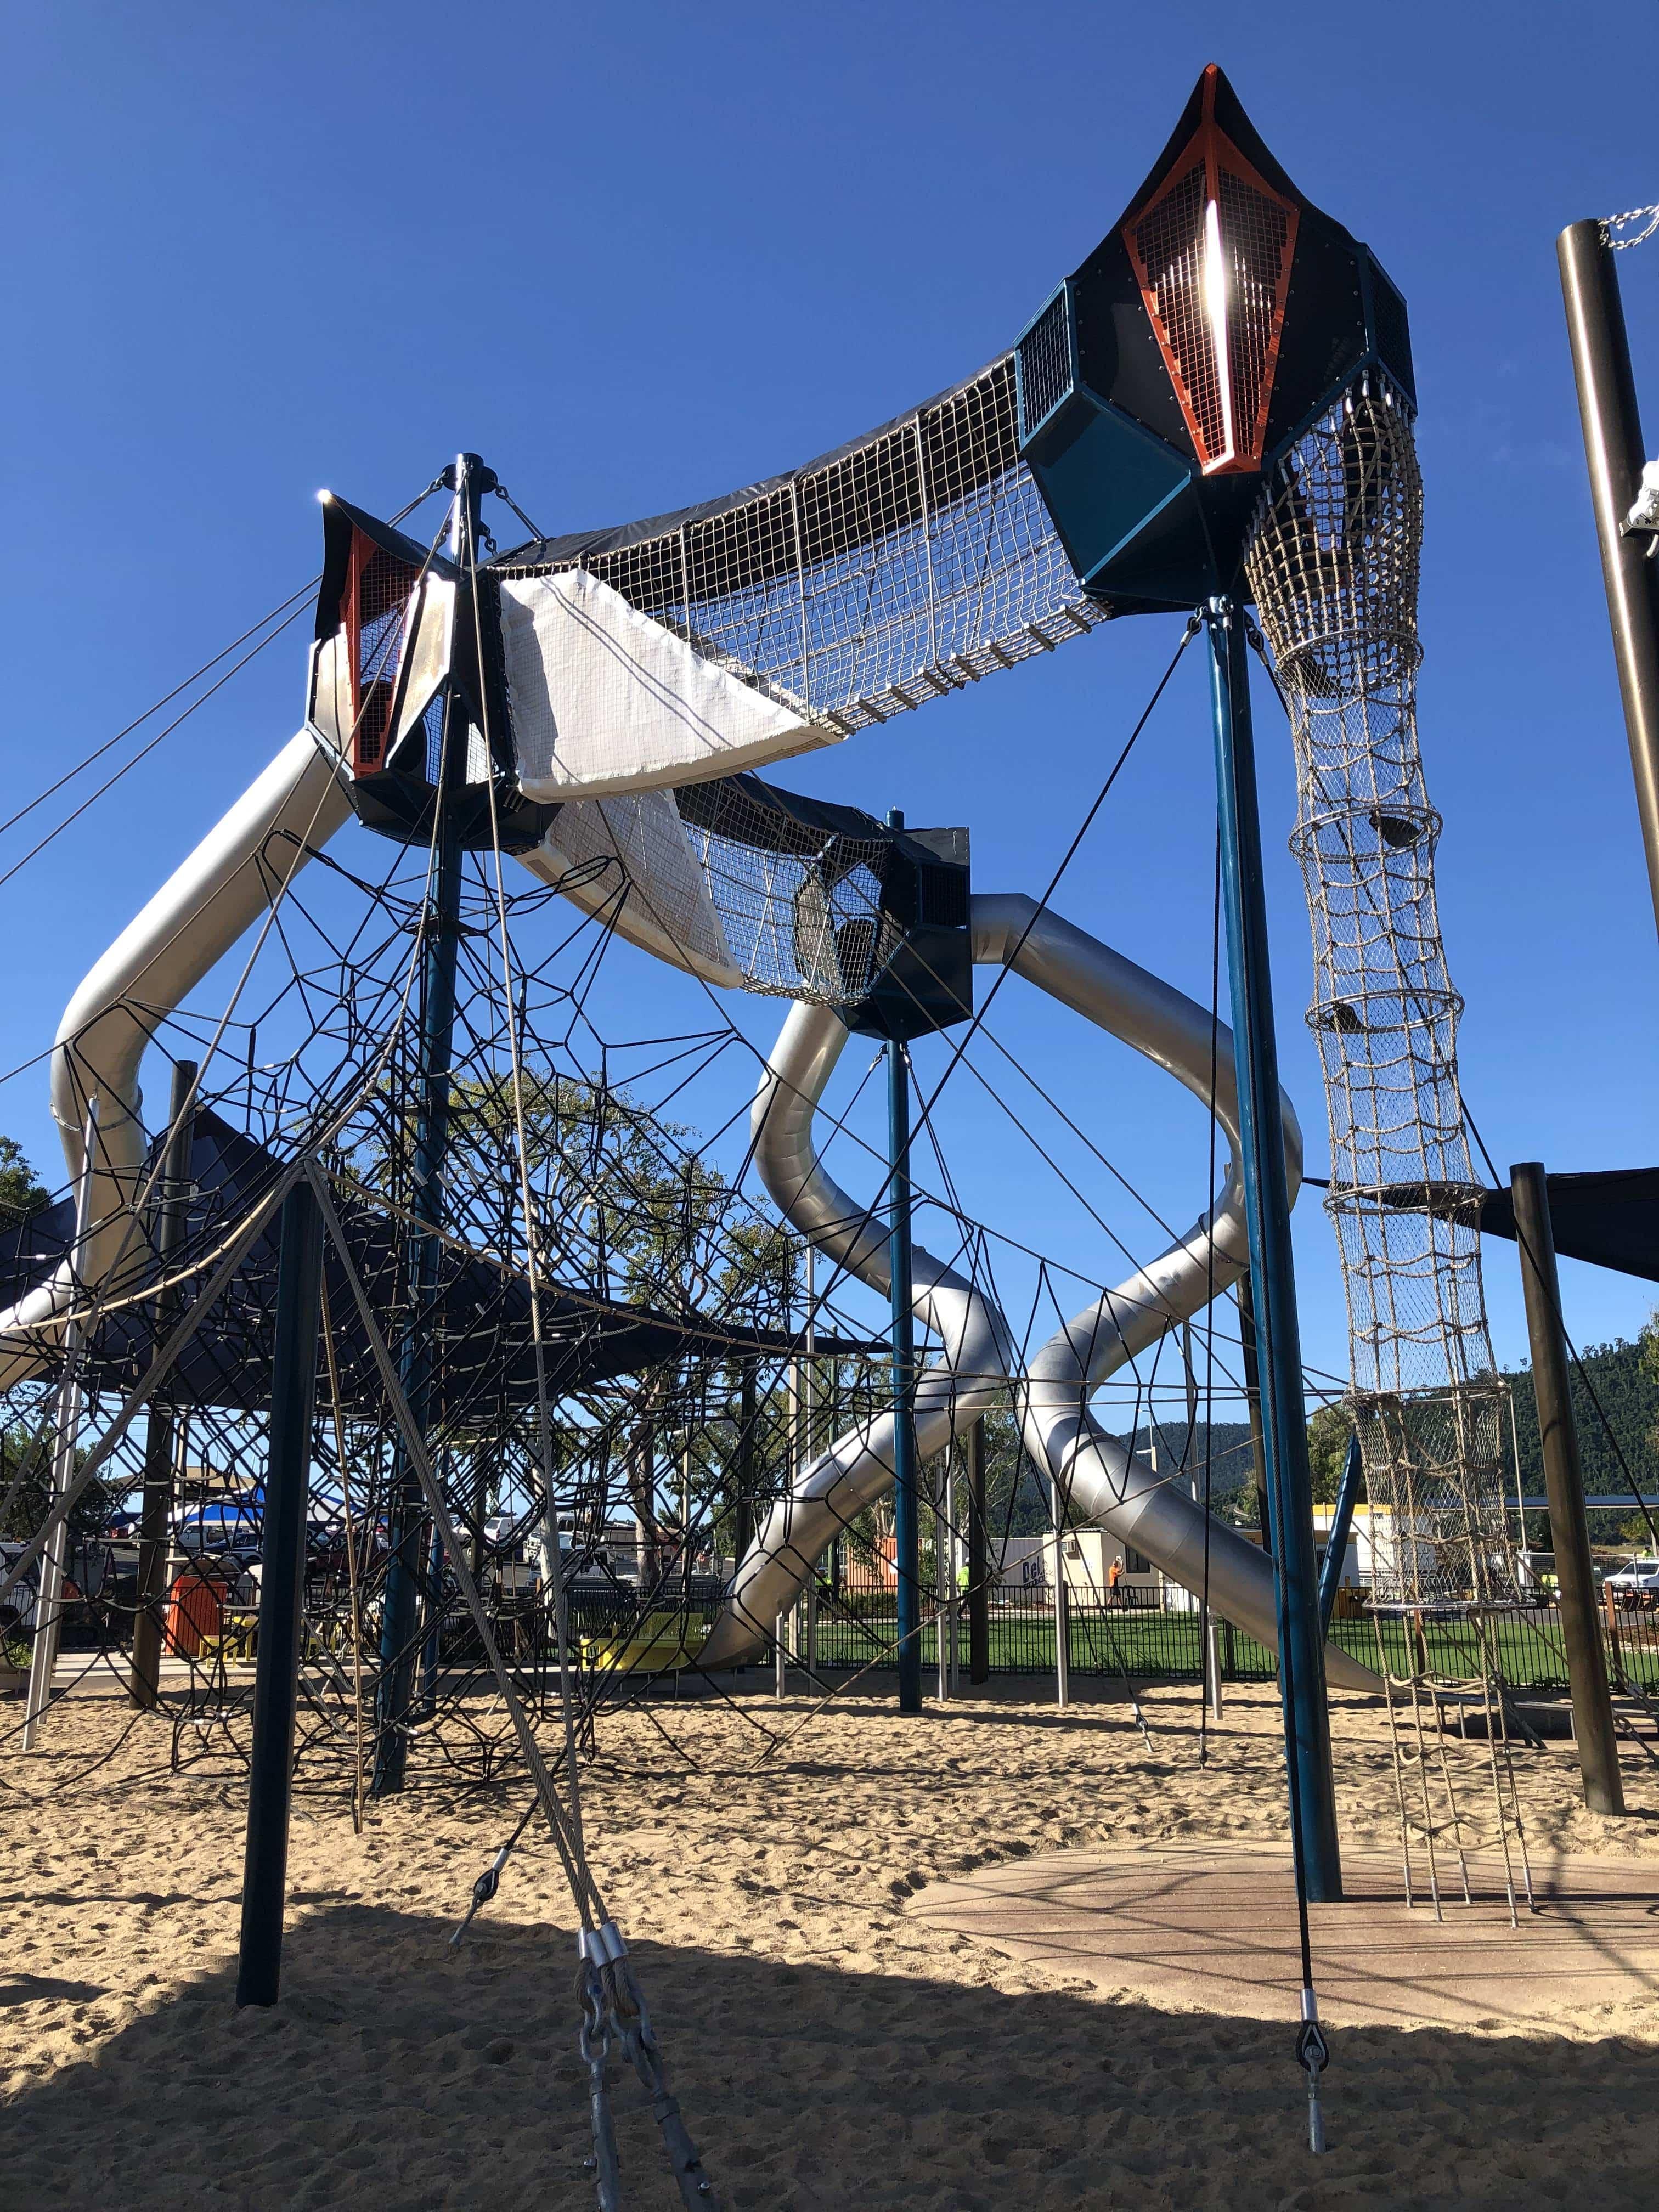 playground at Airlie Beach